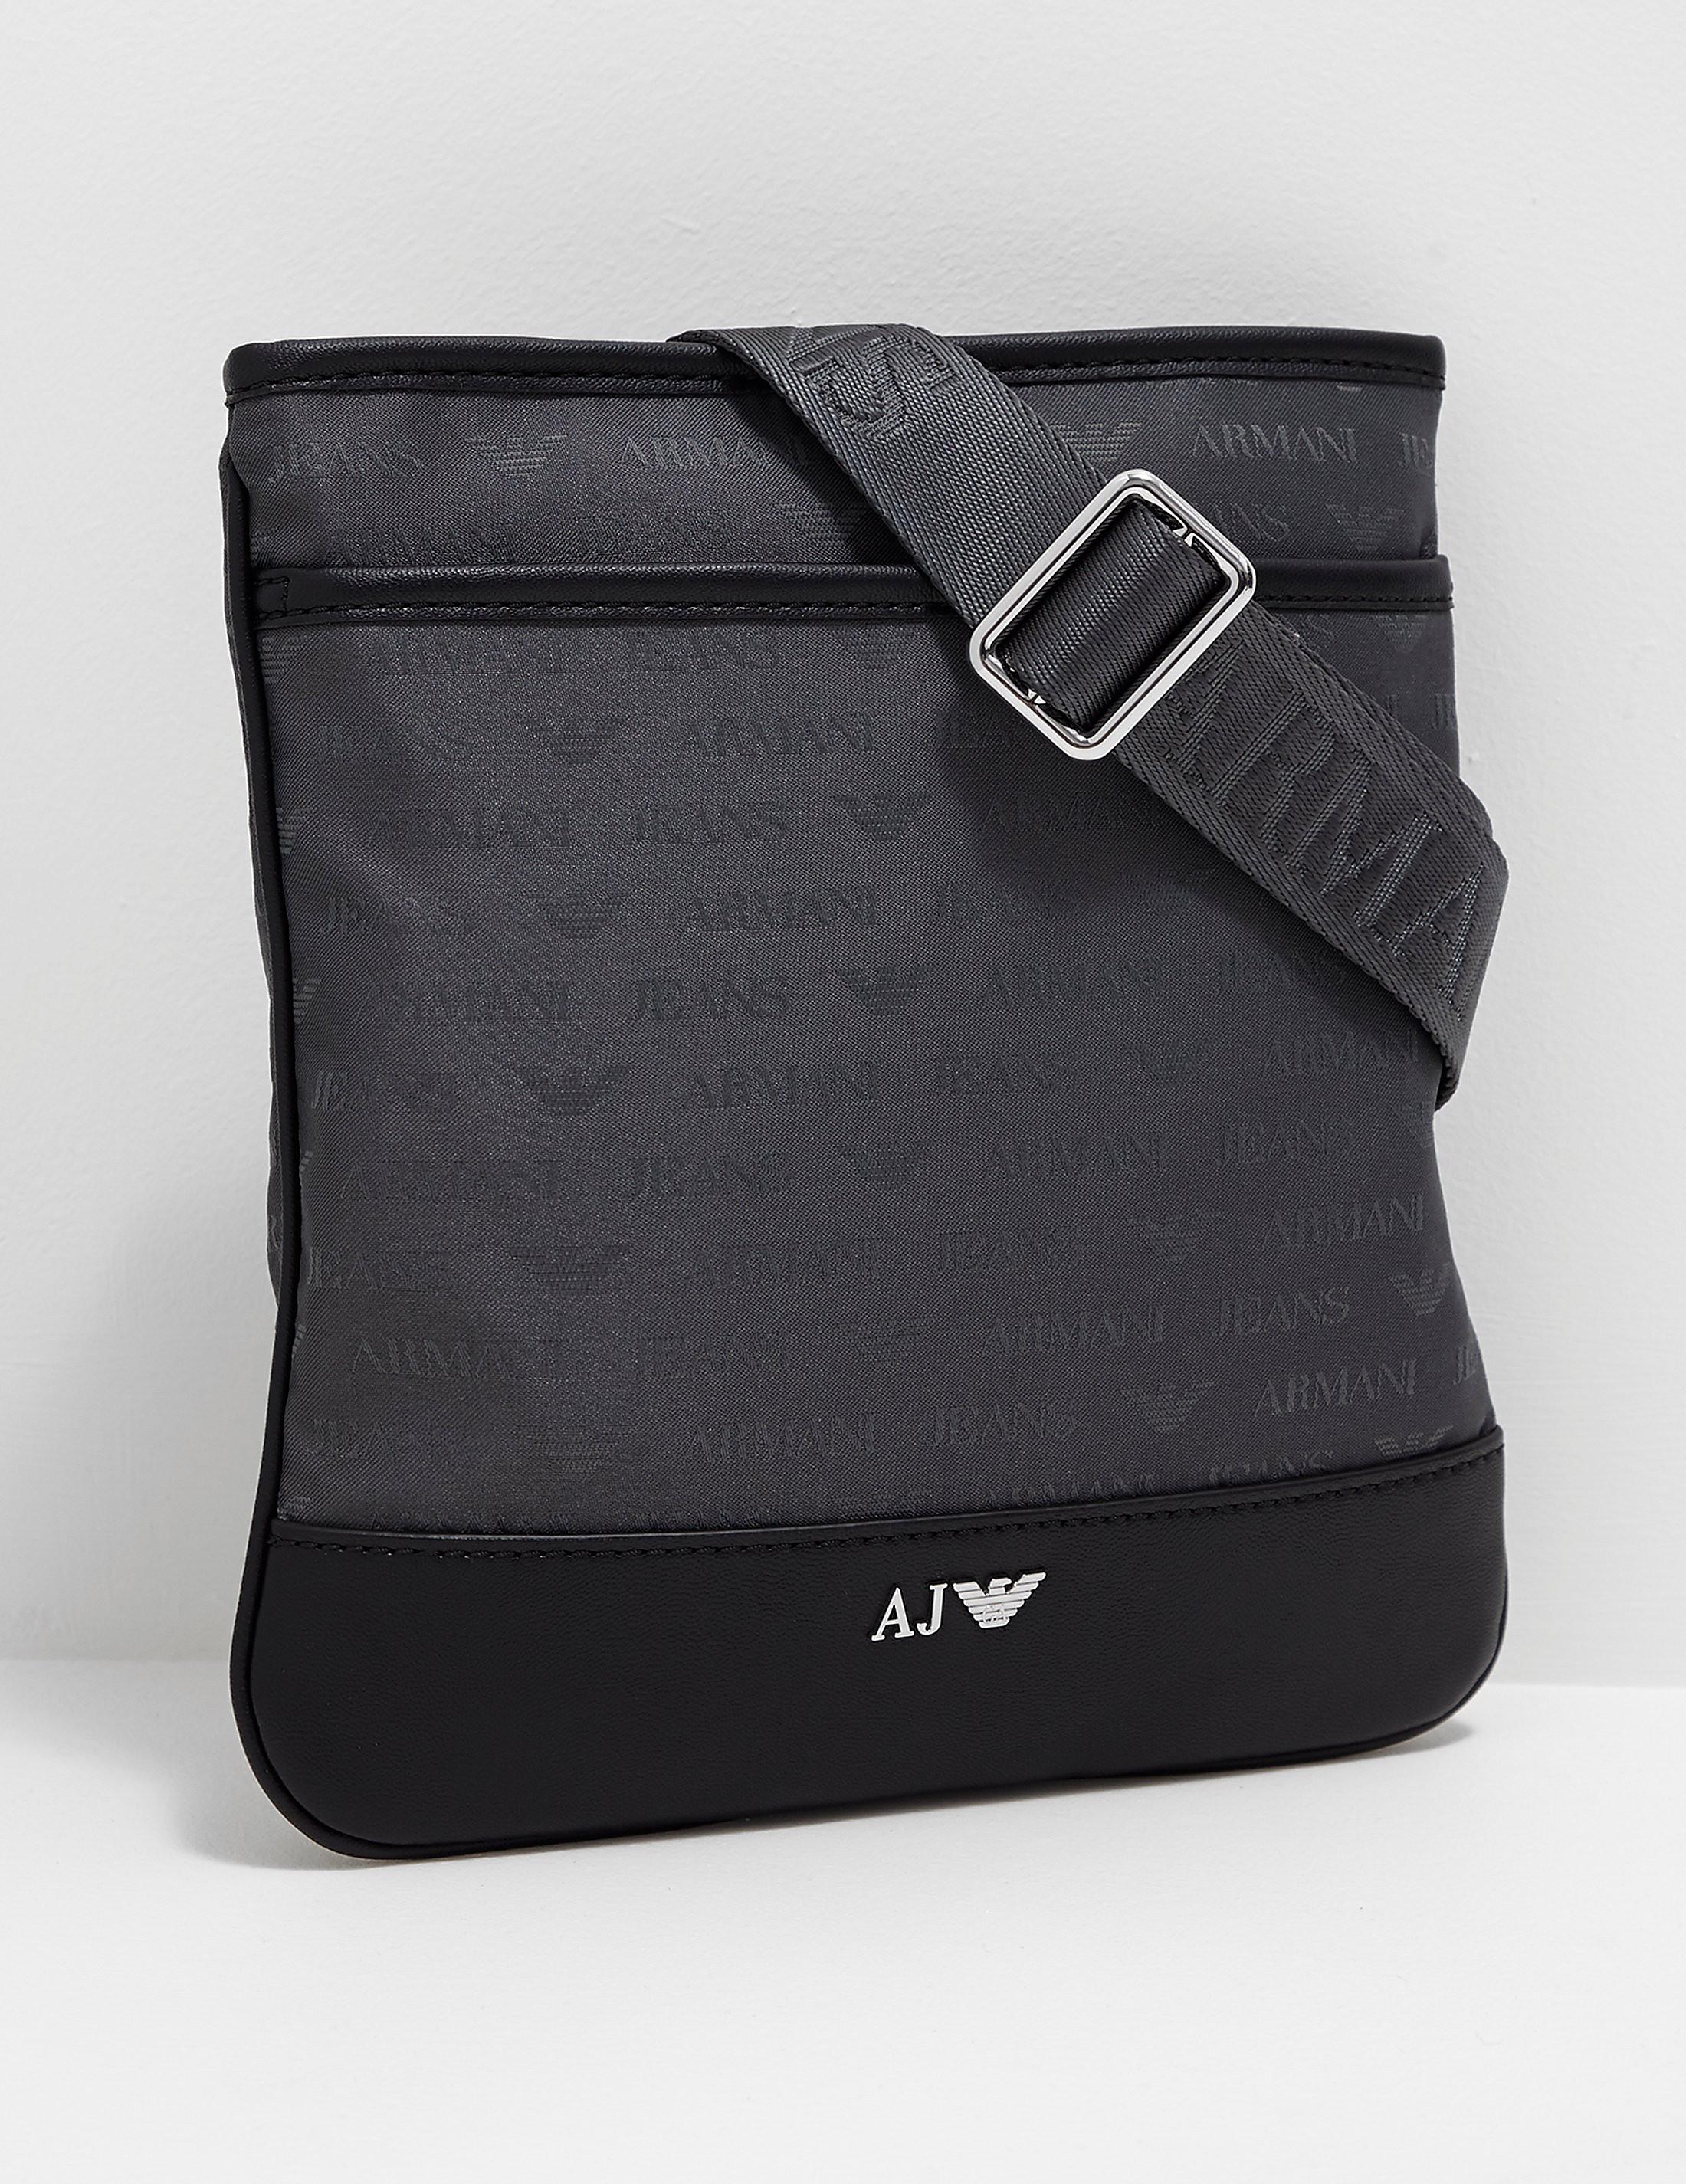 Armani Jeans Nylon Small Item Bag